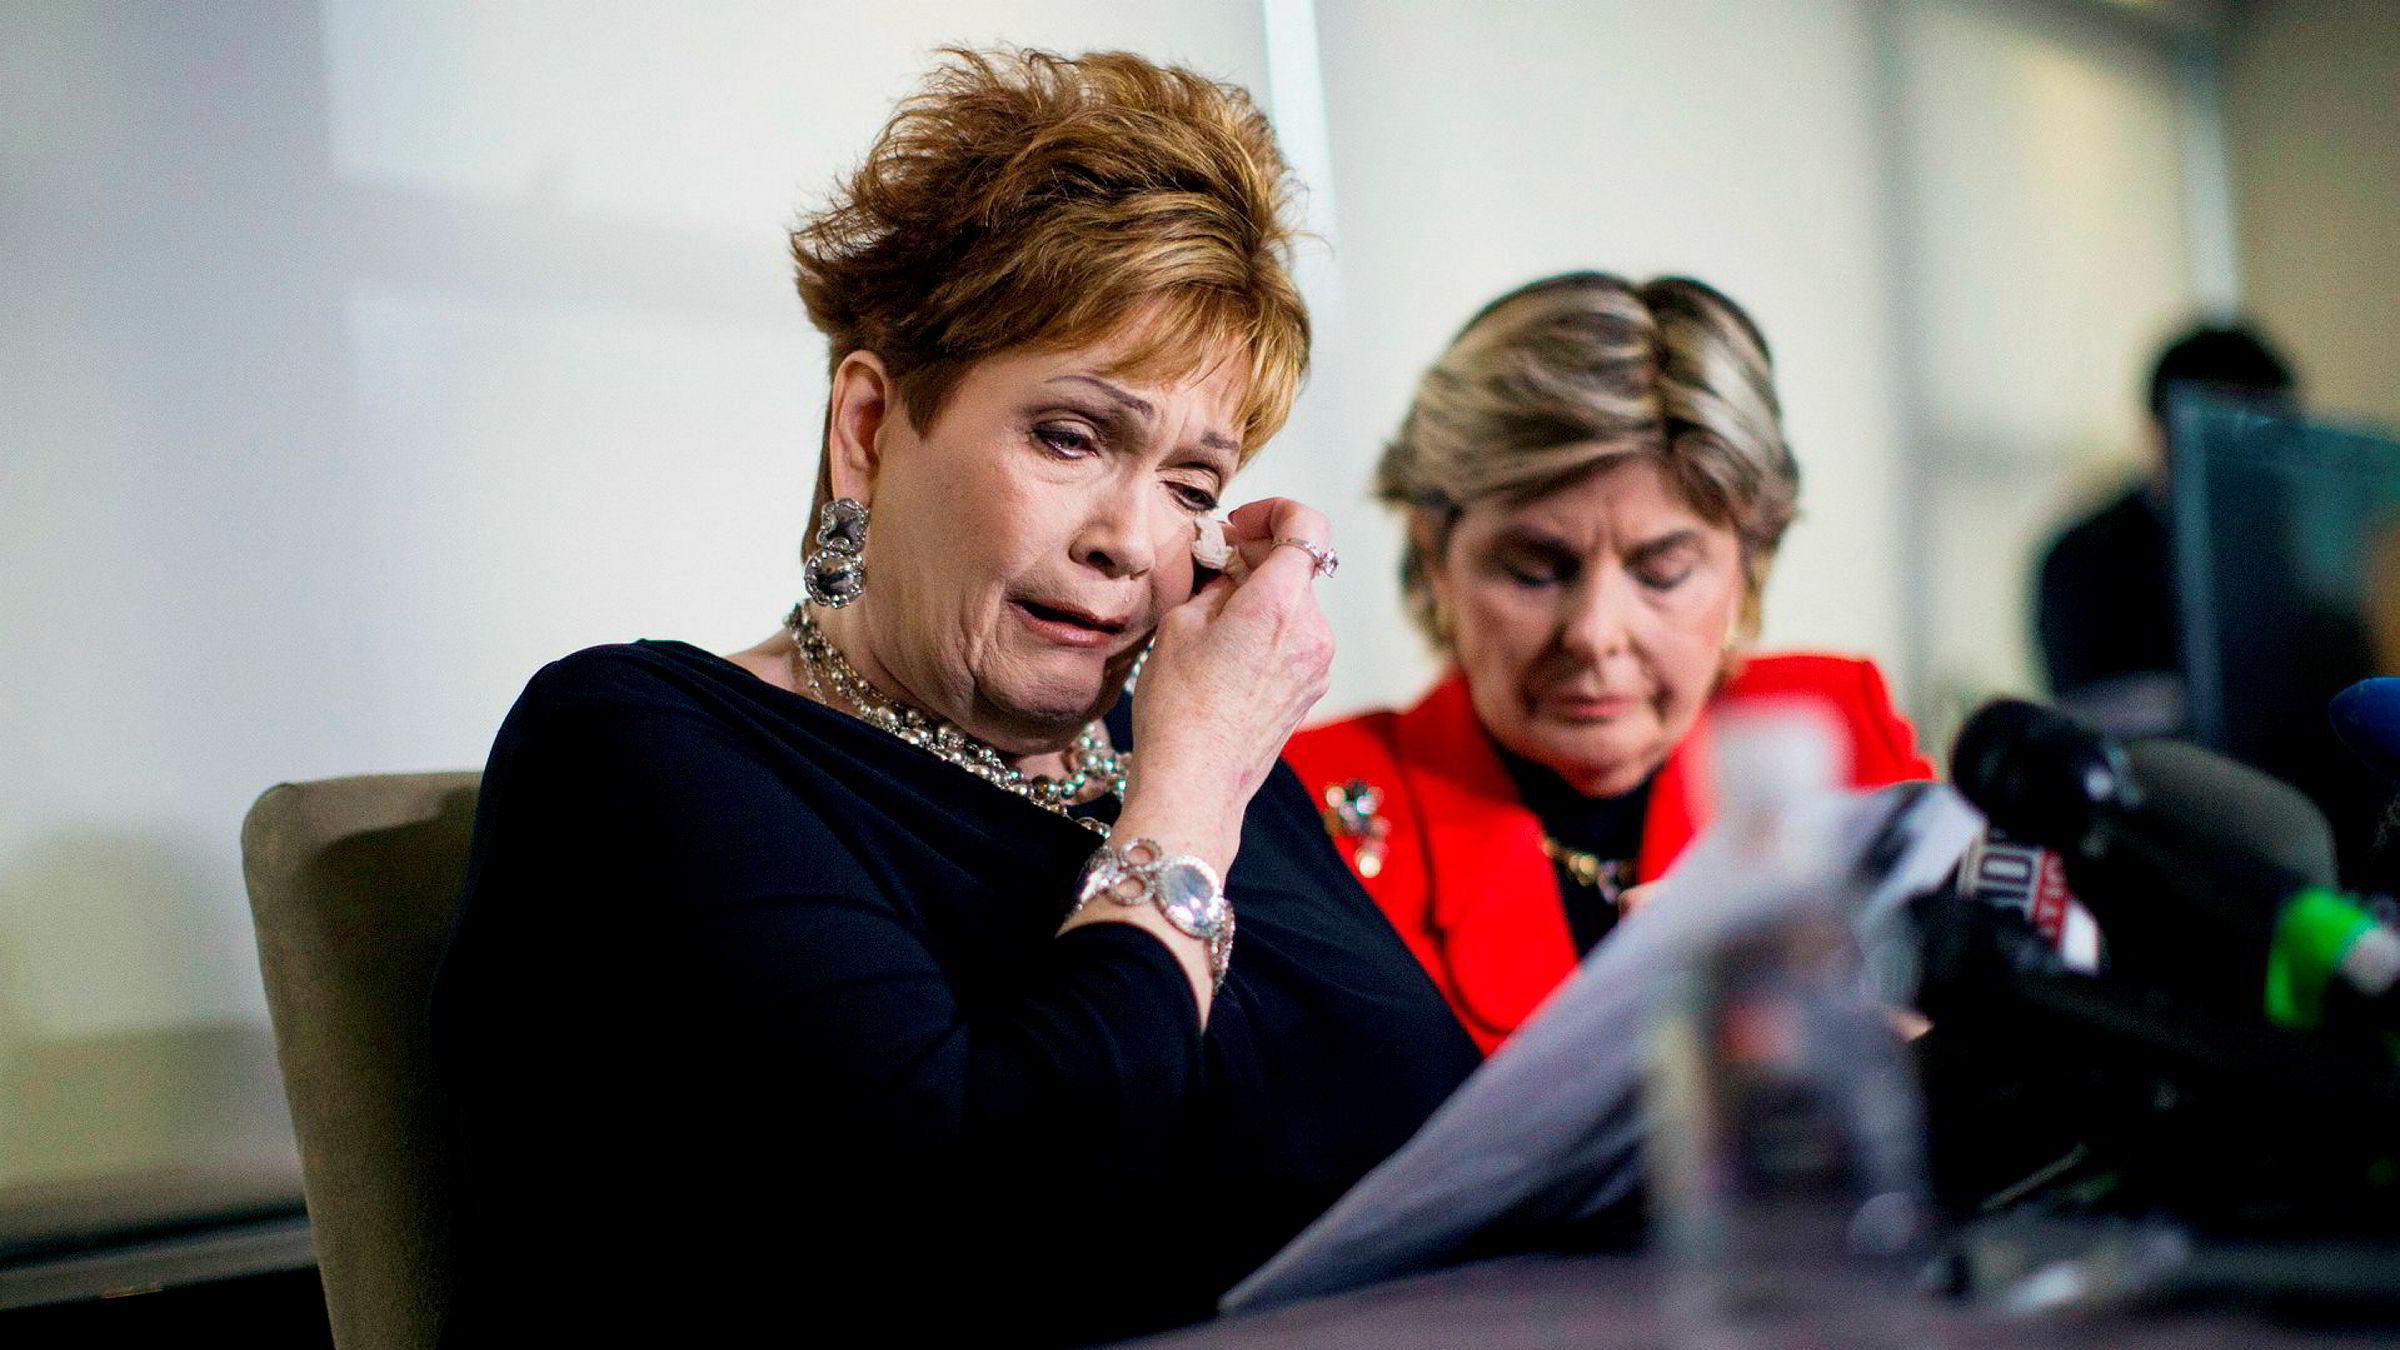 Beverly Young Nelson (56) holdt en pressekonferanse på mandag hvor hun sa at den republikanske senatorkandidaten Roy Moore begikk seksuelle overgrep mot henne da hun var tenåring. Til høyre Nelsons advokat Gloria Allred.